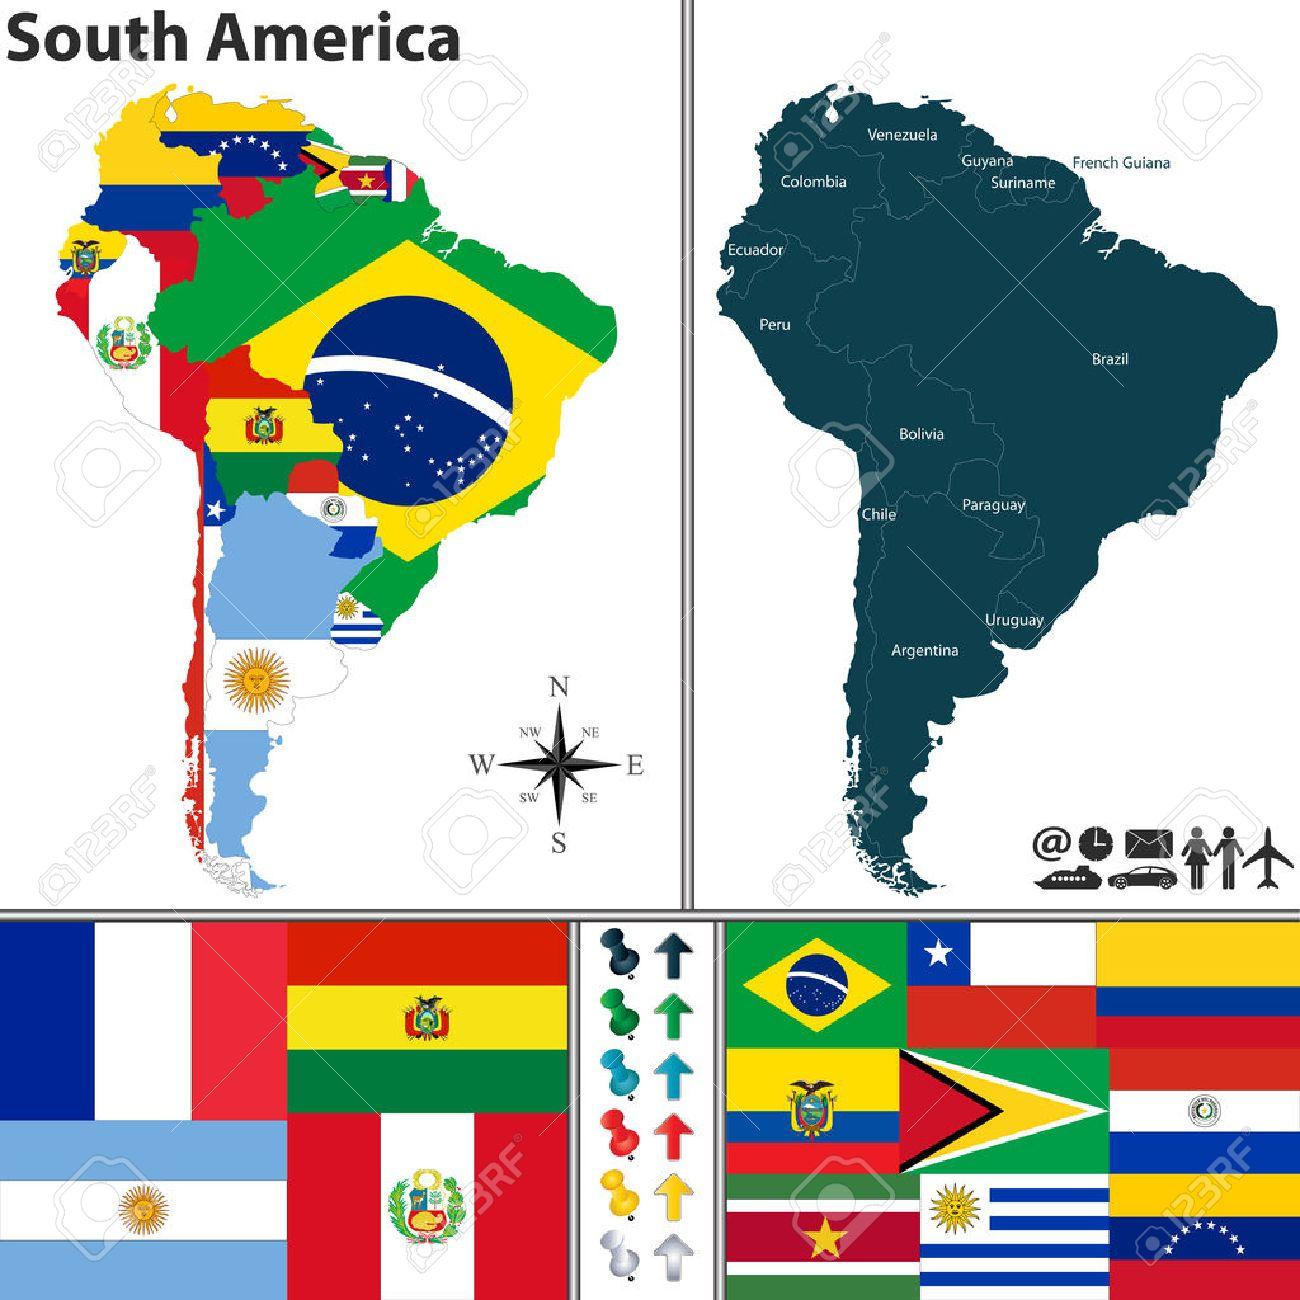 Une Carte De Lamerique Du Sud.Carte De L Amerique Du Sud Avec Des Drapeaux Et L Emplacement Sur La Carte Du Monde